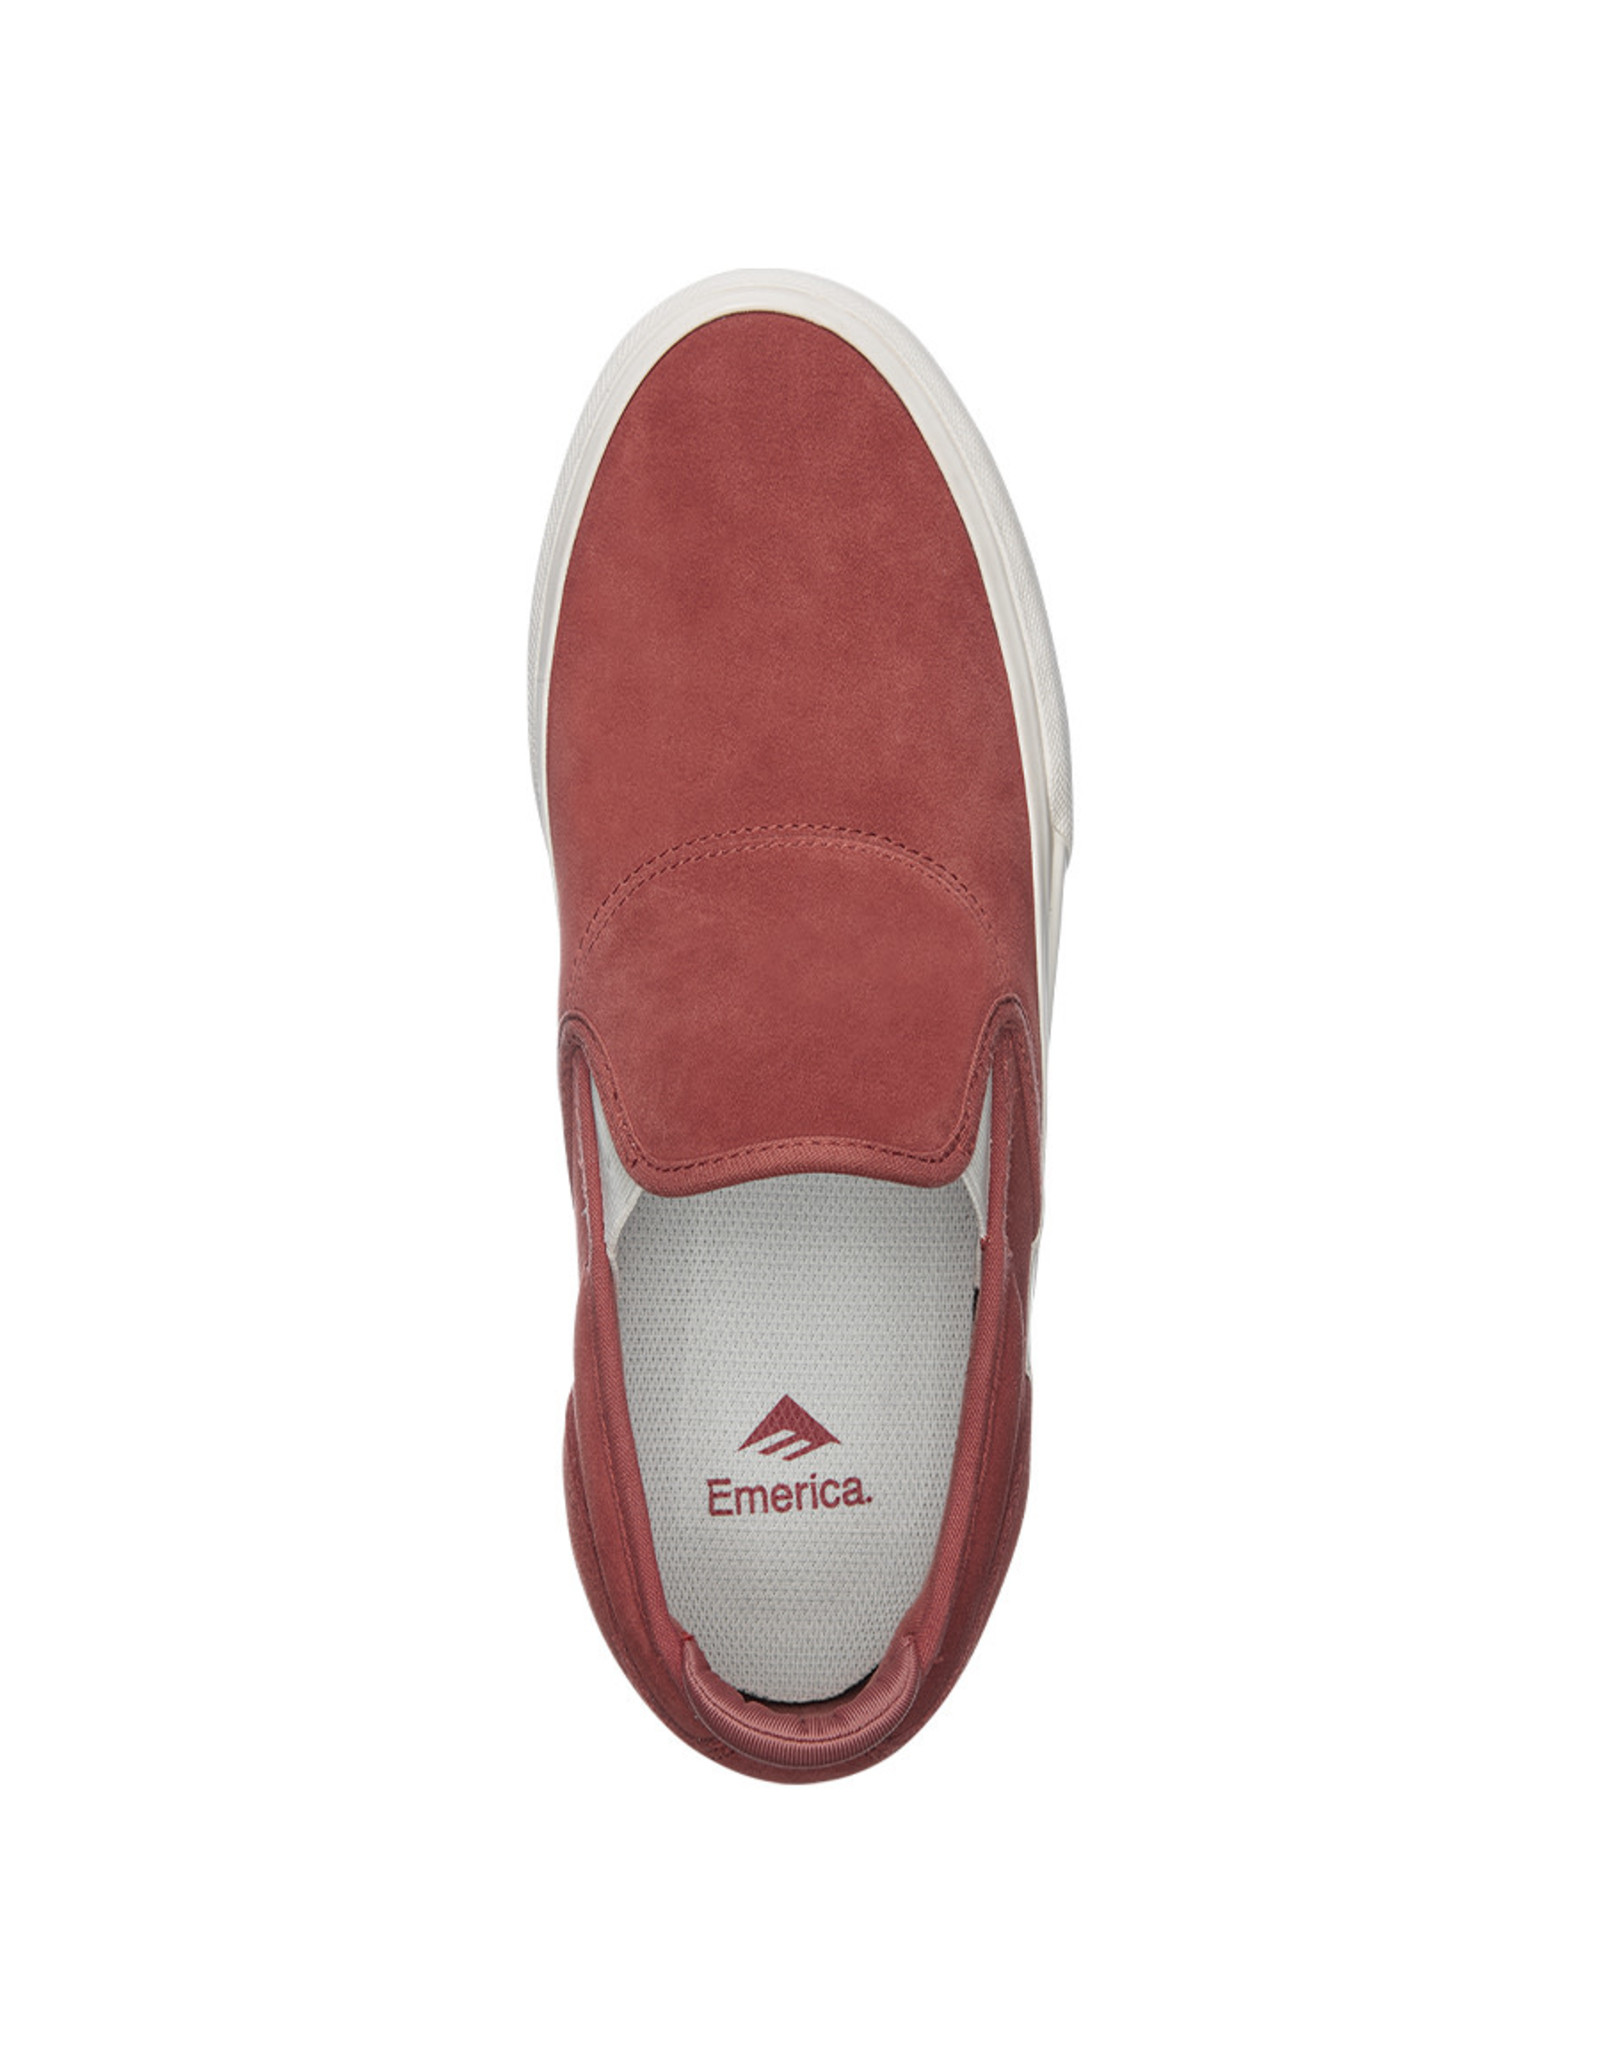 Emerica Emerica Shoe Wino G6 Slip (Brick)